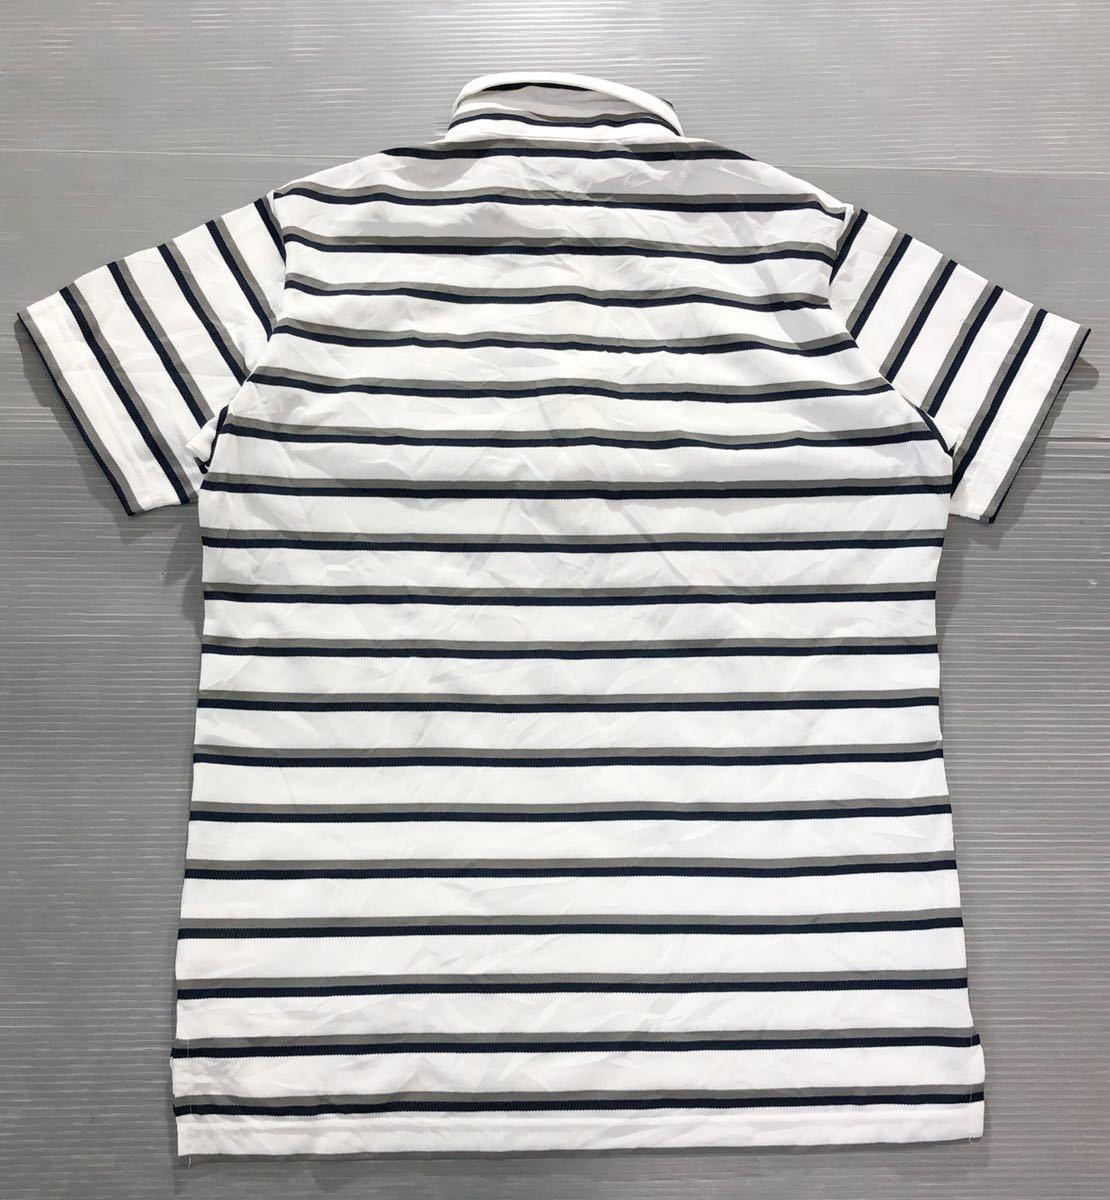 《le coq sportif GOLF ルコックゴルフ》ホワイトライン ロゴ刺繍 ボーダー柄 半袖 ポロシャツ ホワイト×グレー×ブラック L_画像2